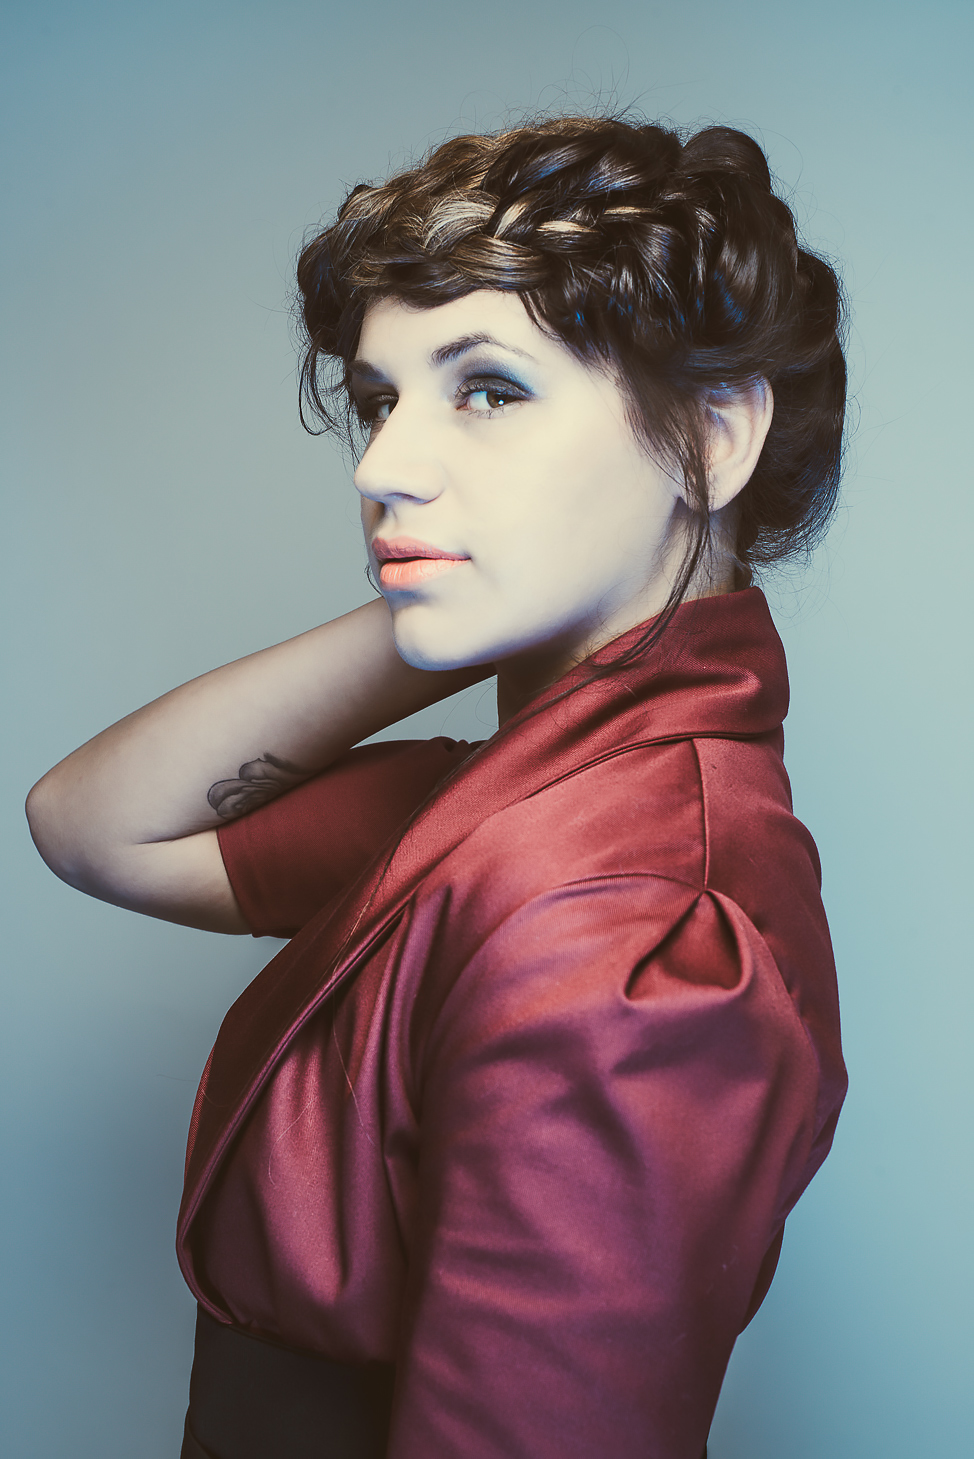 zaramia-ava-zaramiaava-leeds-fashion-designer-ethical-sustainable-tailored-minimalist-mai-burgundy-jacket-dress-belt-versatile-drape-cowl-styling-womenswear-models-photoshoot-shrine-hairdressers-54